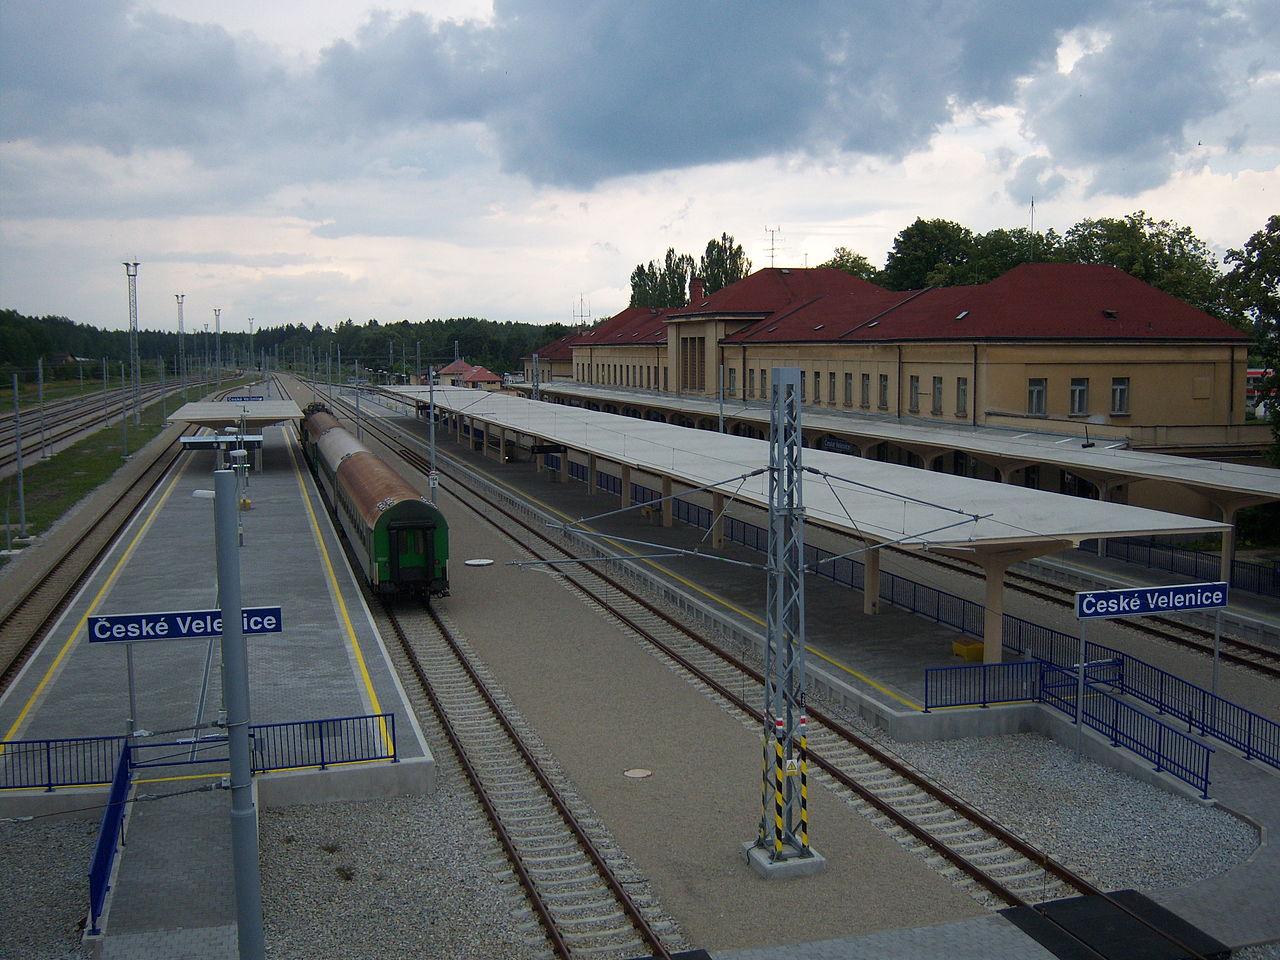 Nádraží České Velenice. Autor: User:My Friend – Vlastní dílo, CC BY-SA 3.0, https://commons.wikimedia.org/w/index.php?curid=10823558